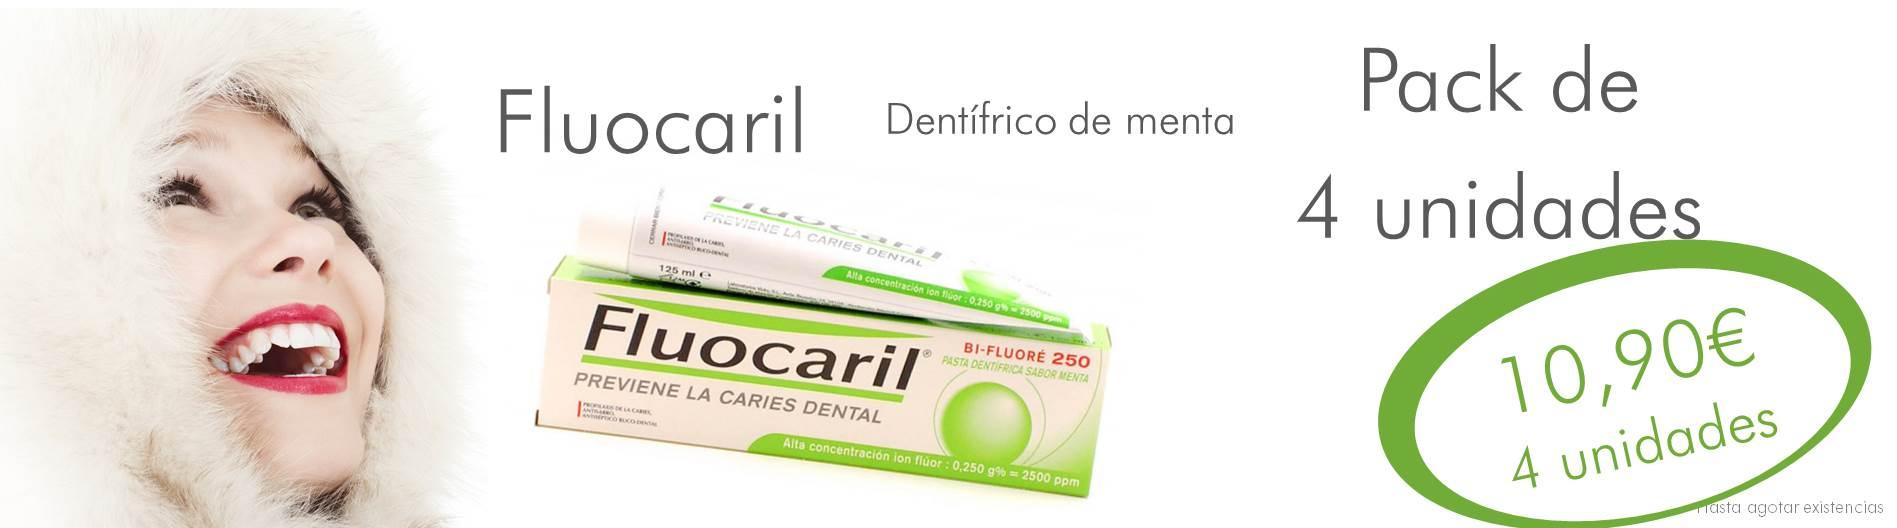 Fluocaril dentrífico